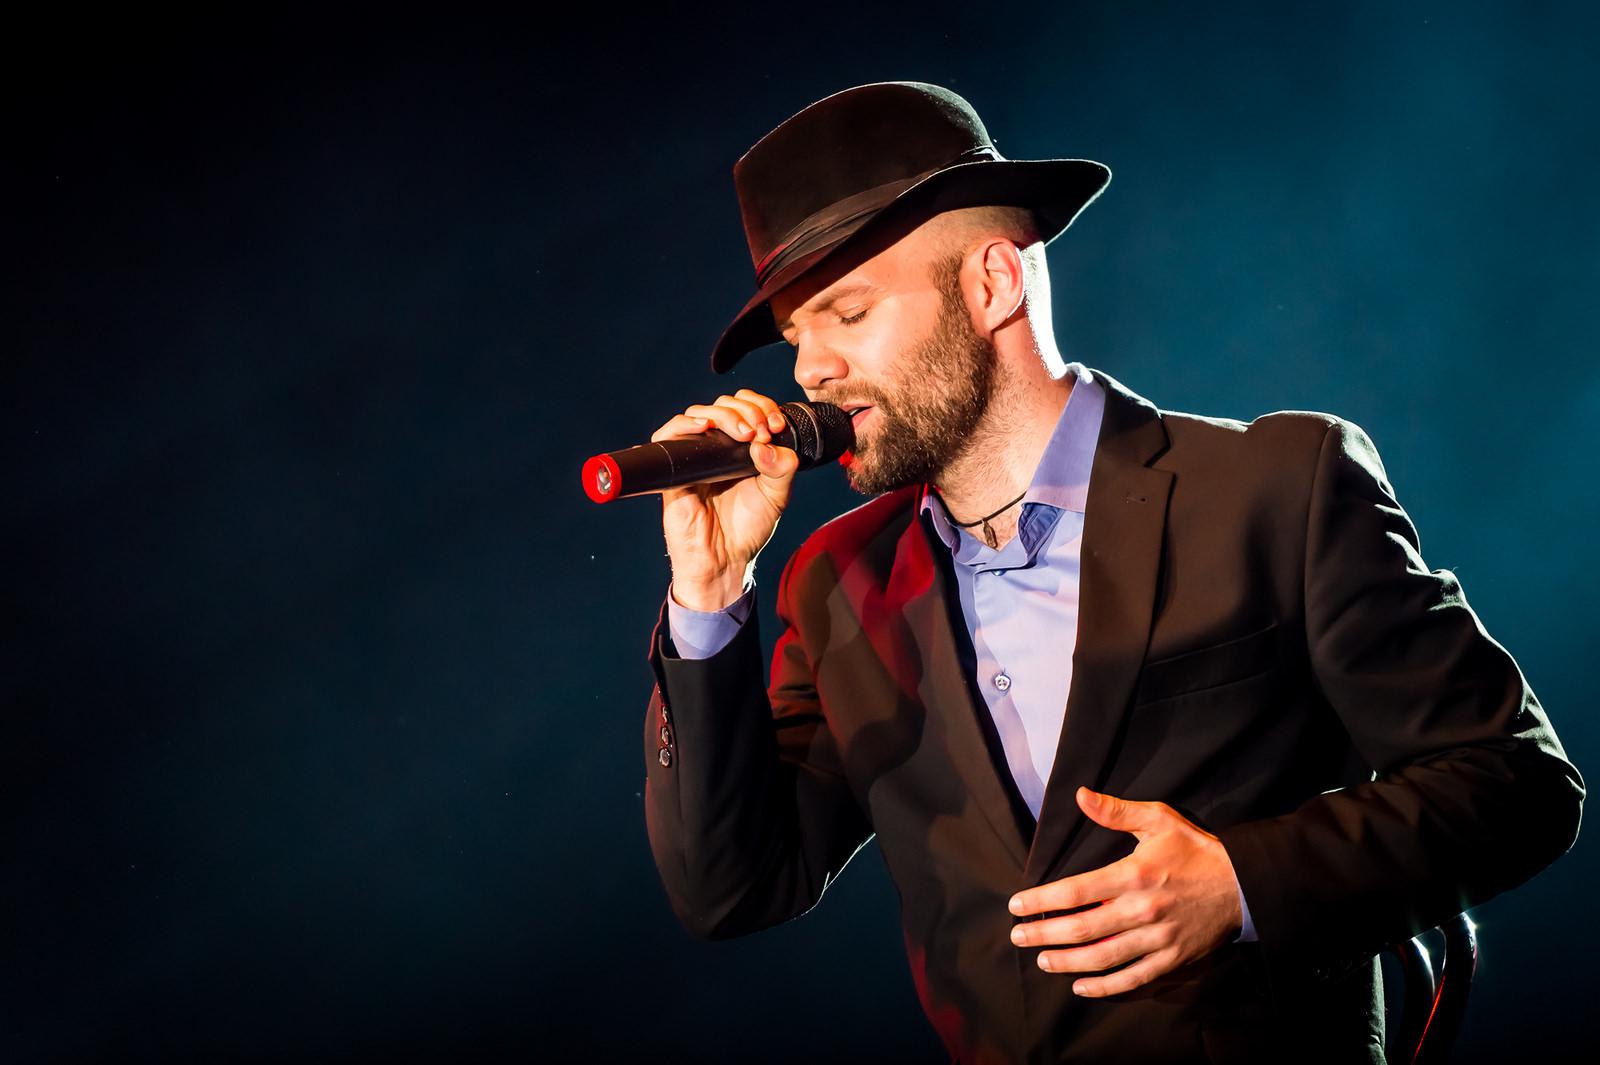 Człowiek z mikrofonem - organizacja występów Relago